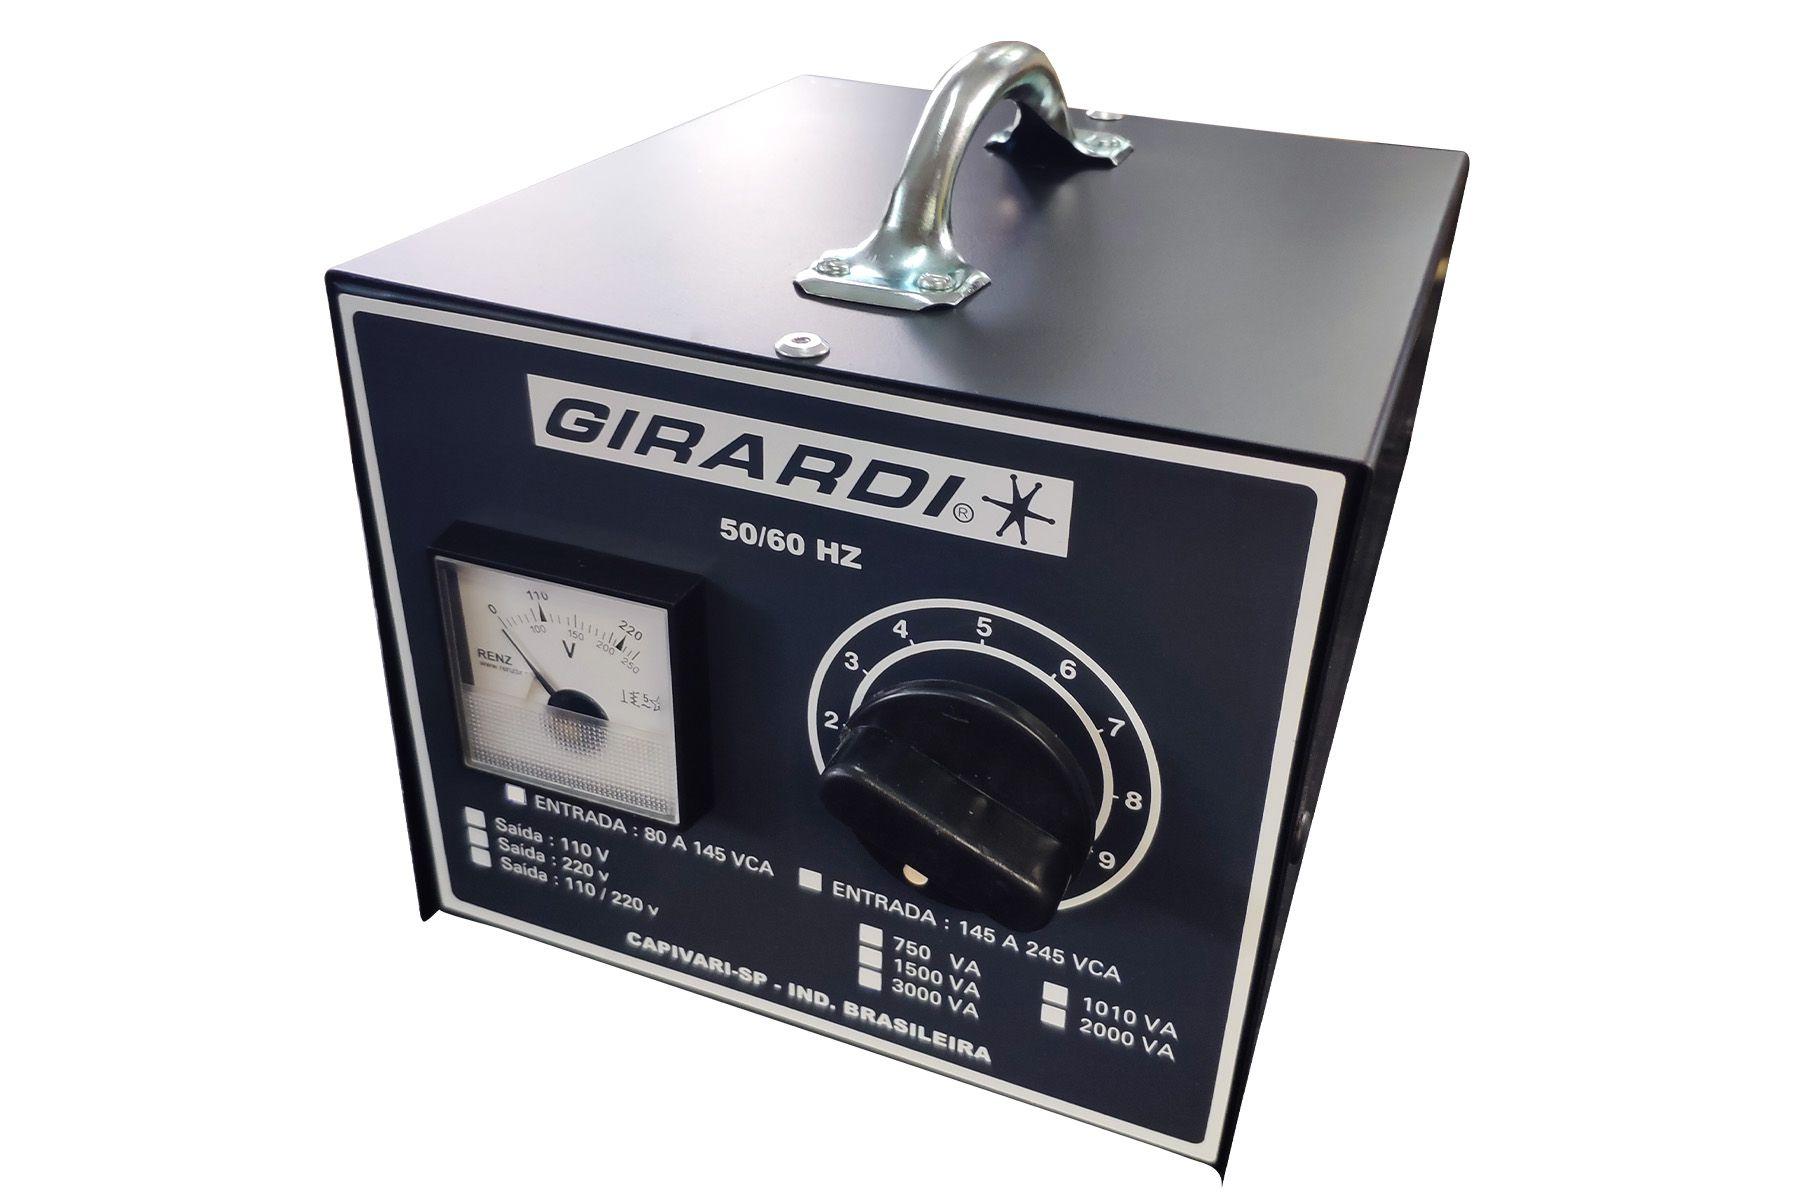 Regulador Manual De Tensão / Voltagem Girardi 750 VA Entrada 220V Saída Bivolt